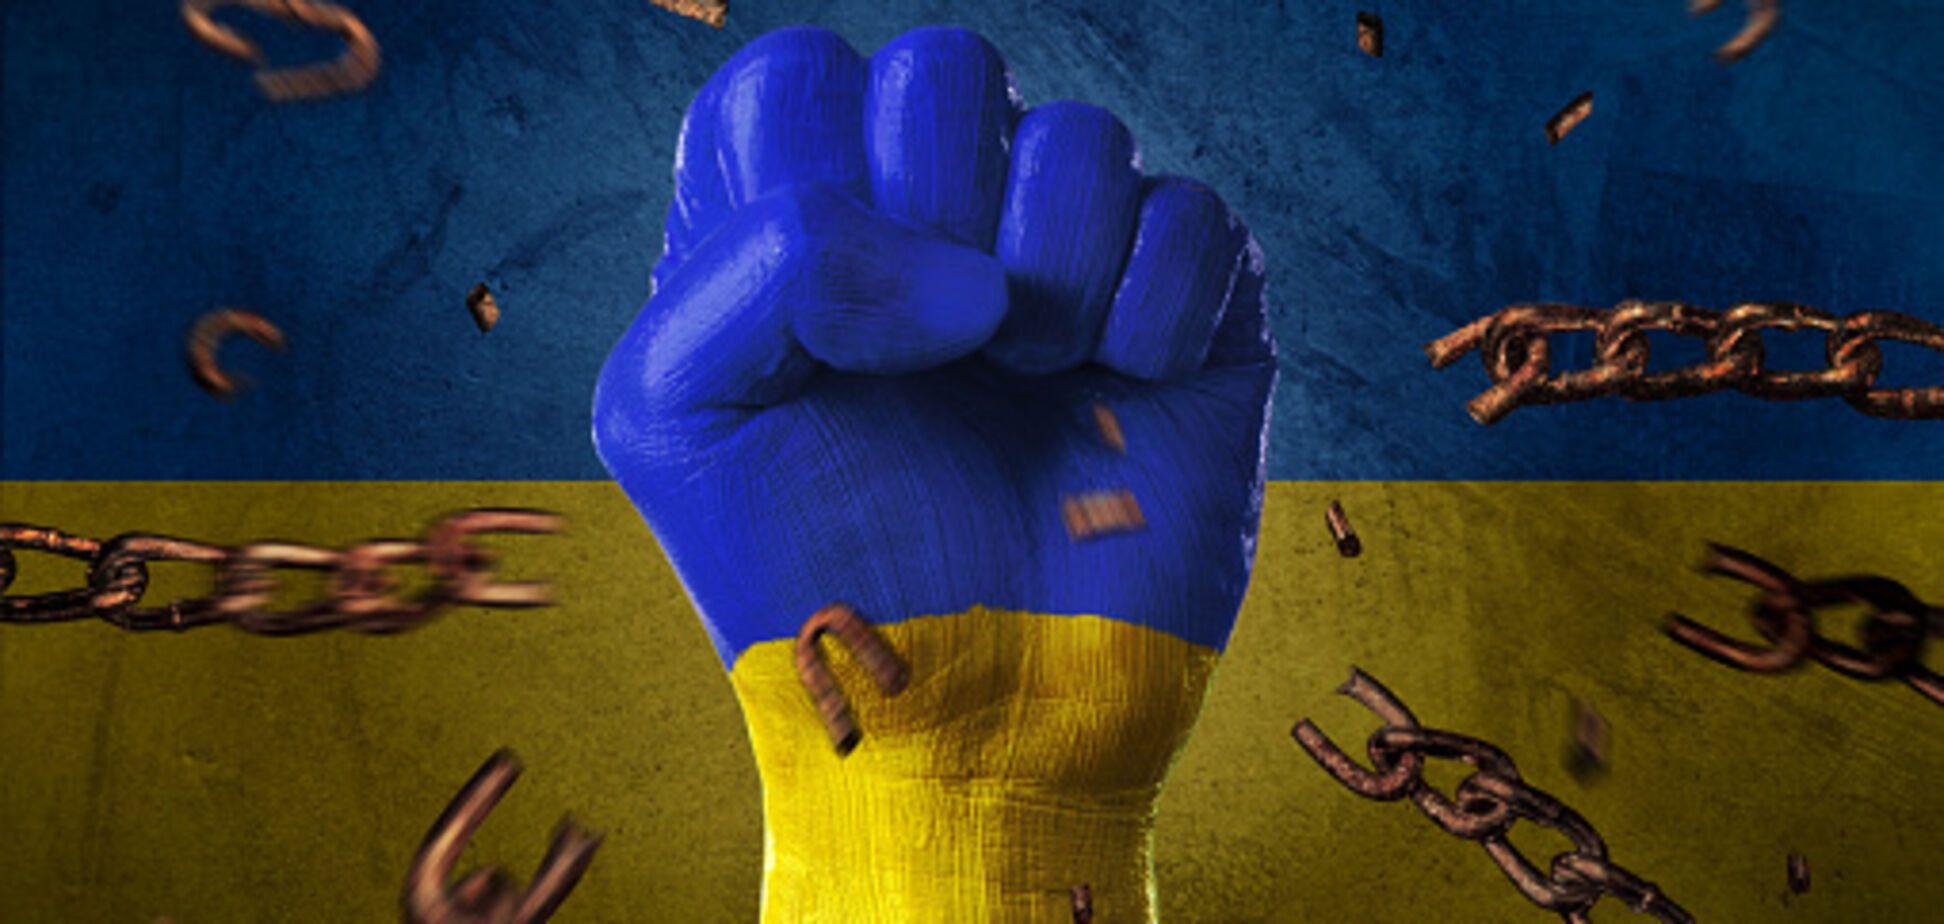 Україна з болем виривається від імперії: не дамо Росії відкотити все назад